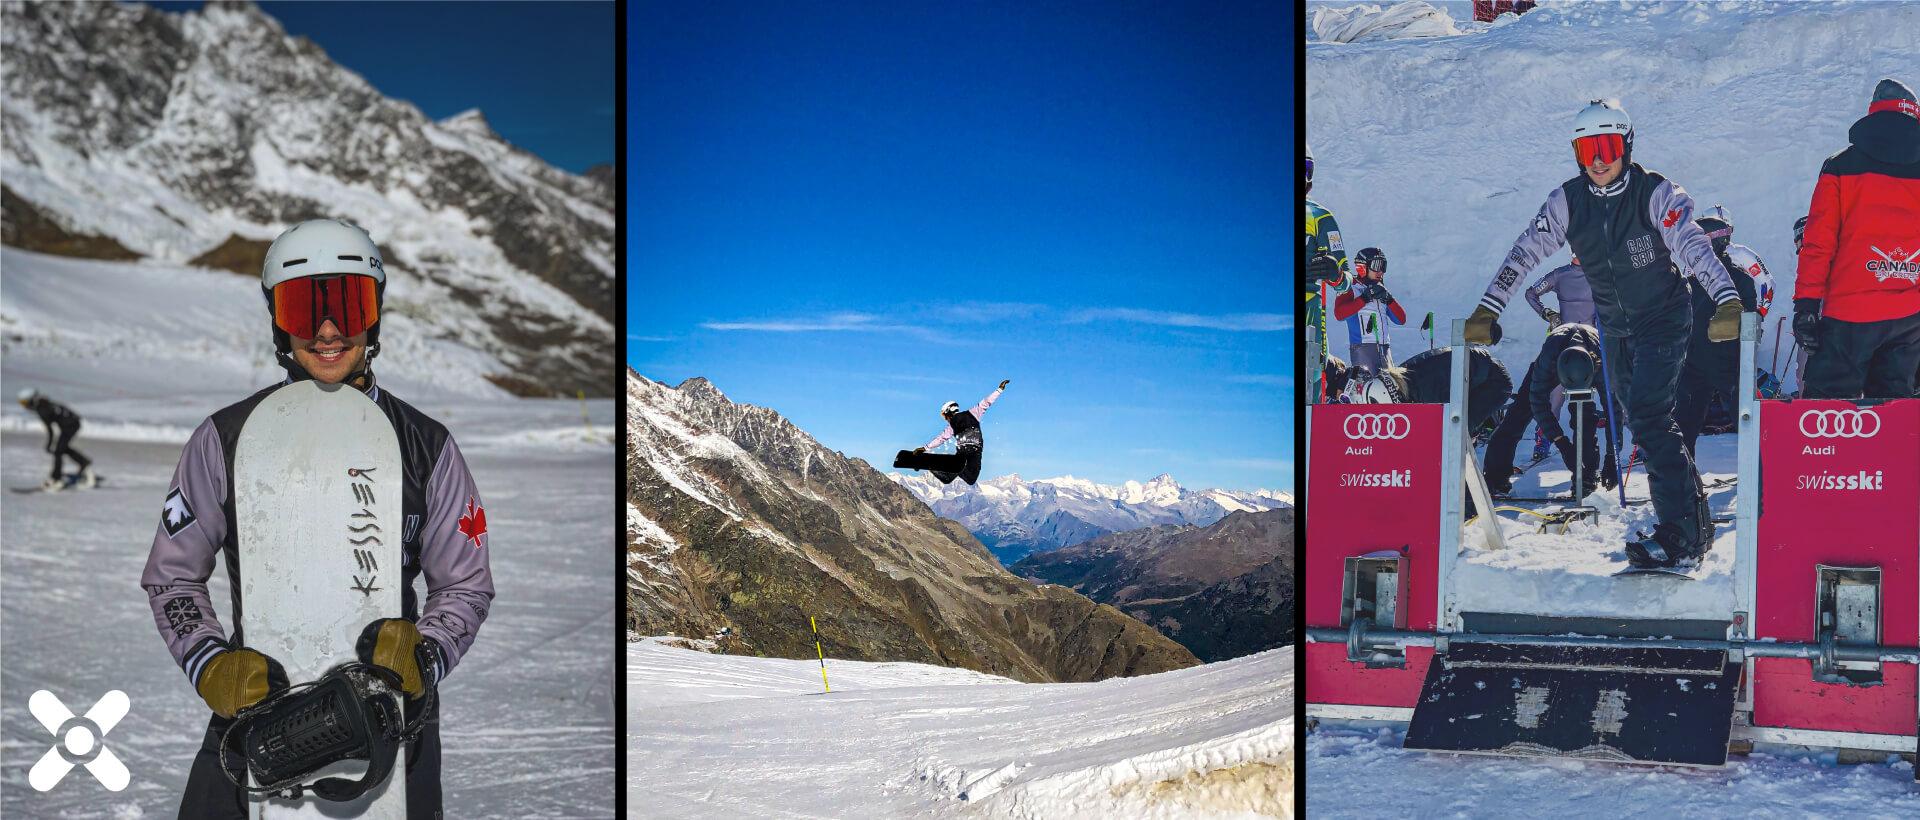 Eliot Grondin sur snowboard, 3 images